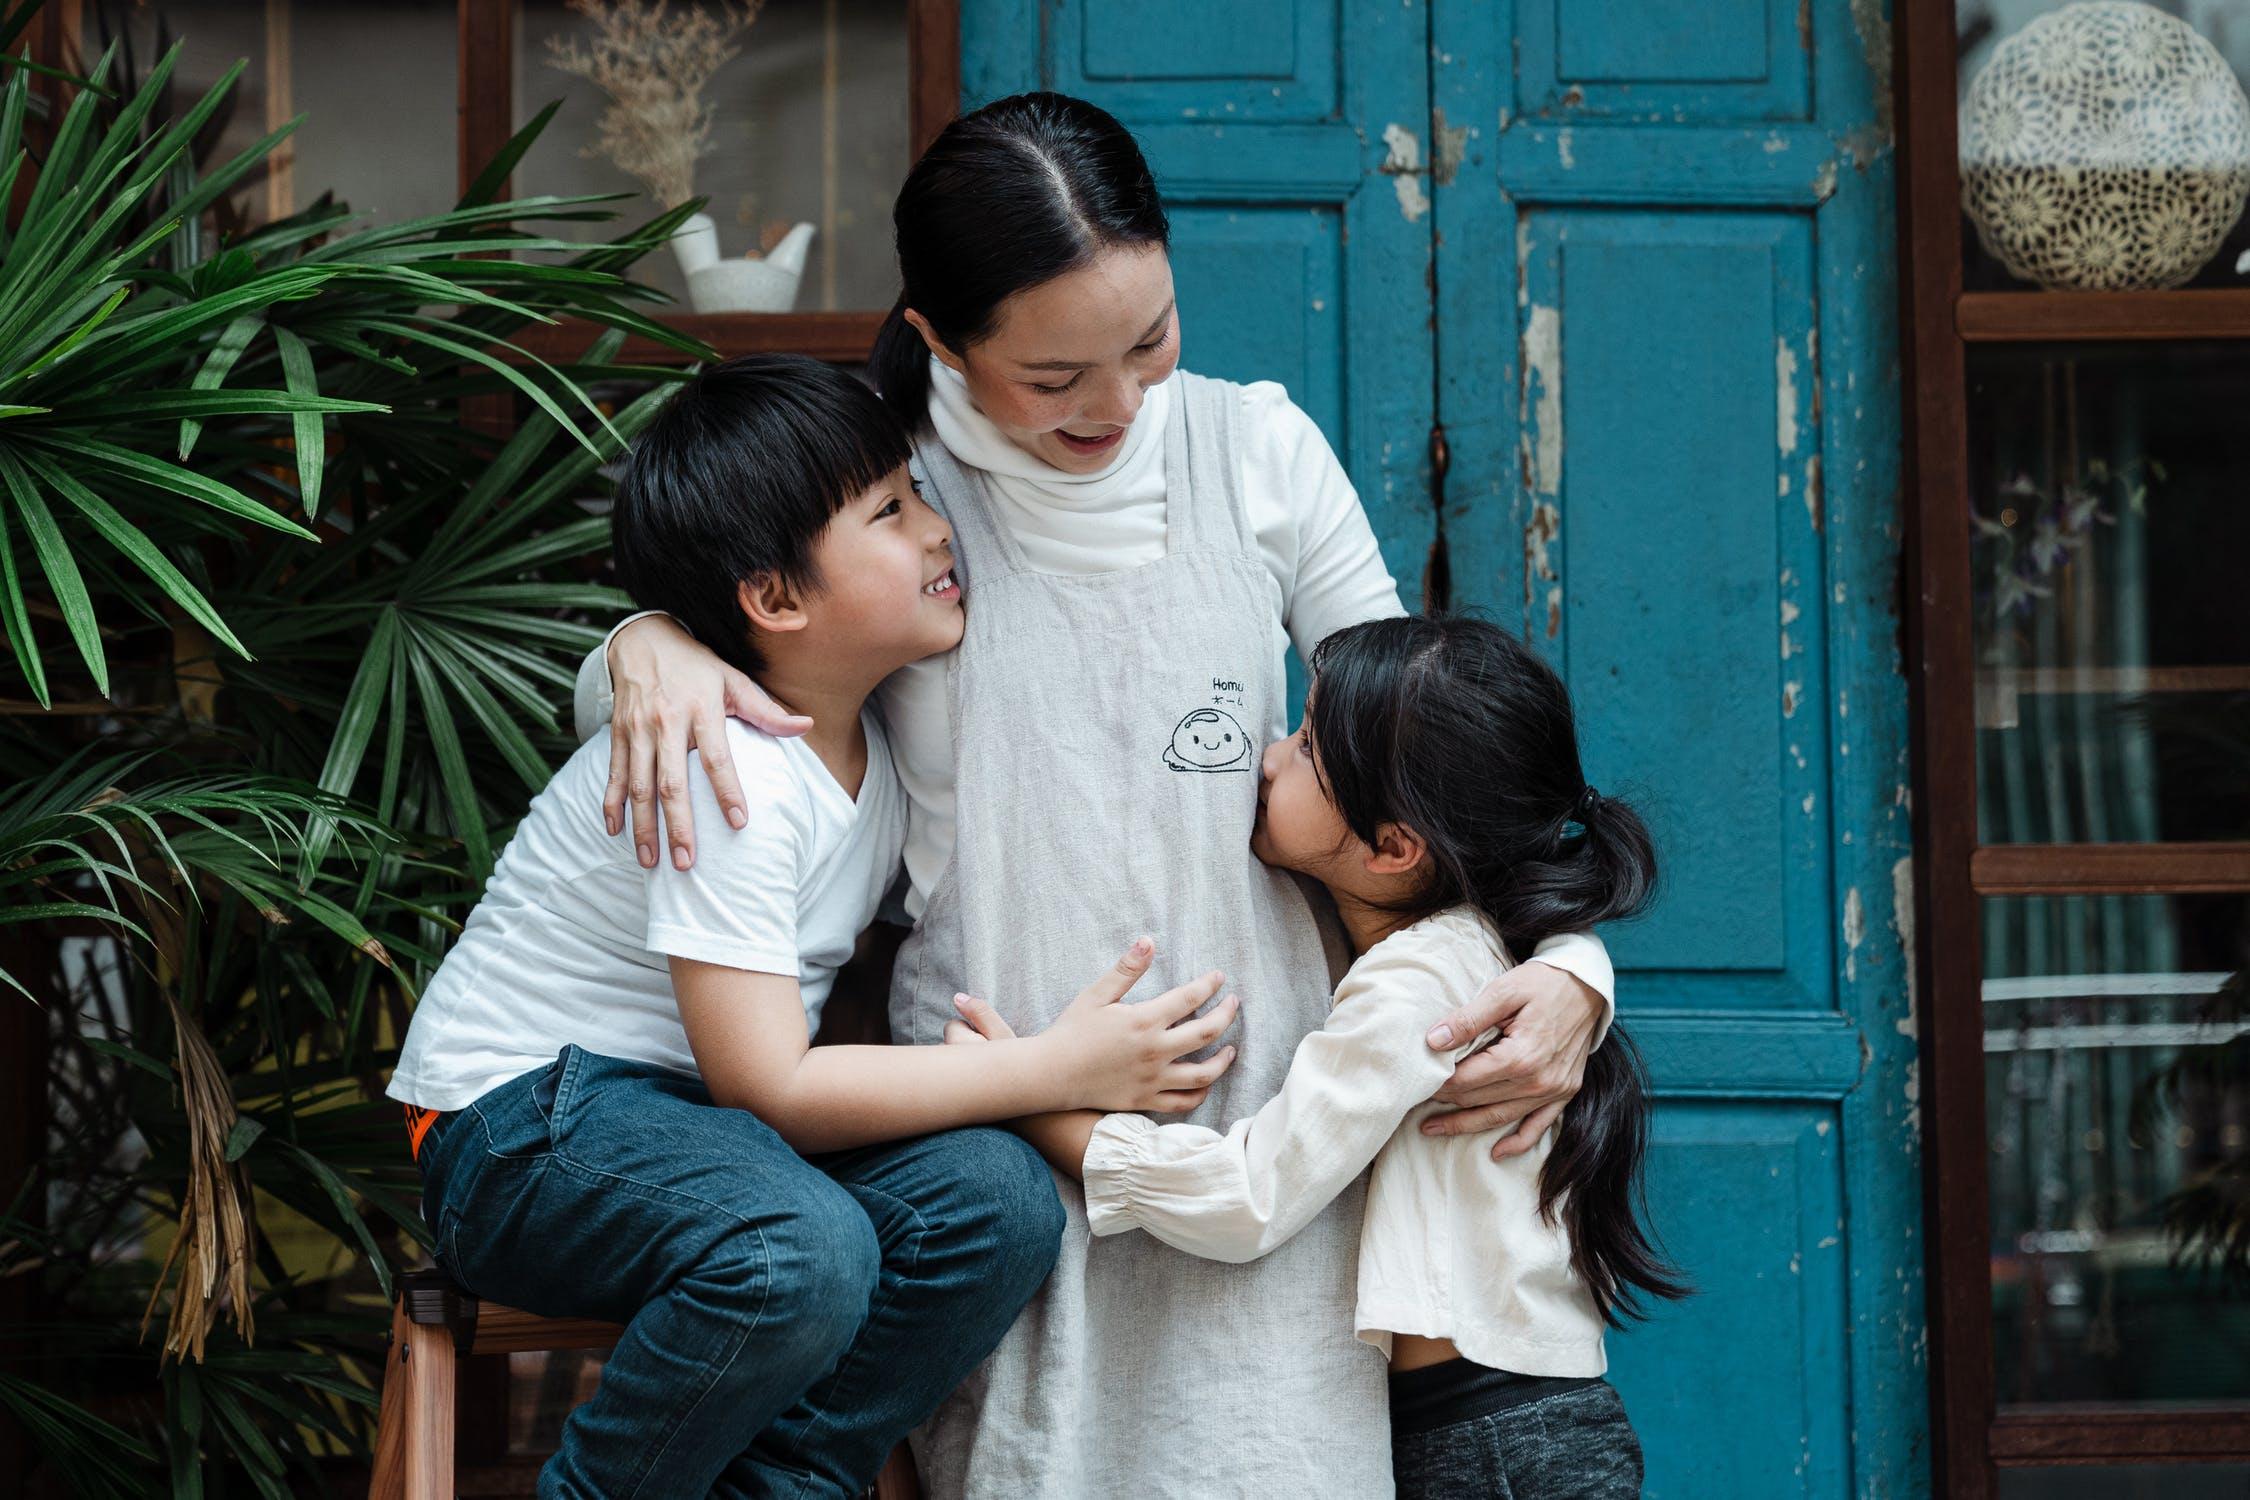 ngày của mẹ của người mẹ châu Á và hai con nhỏ